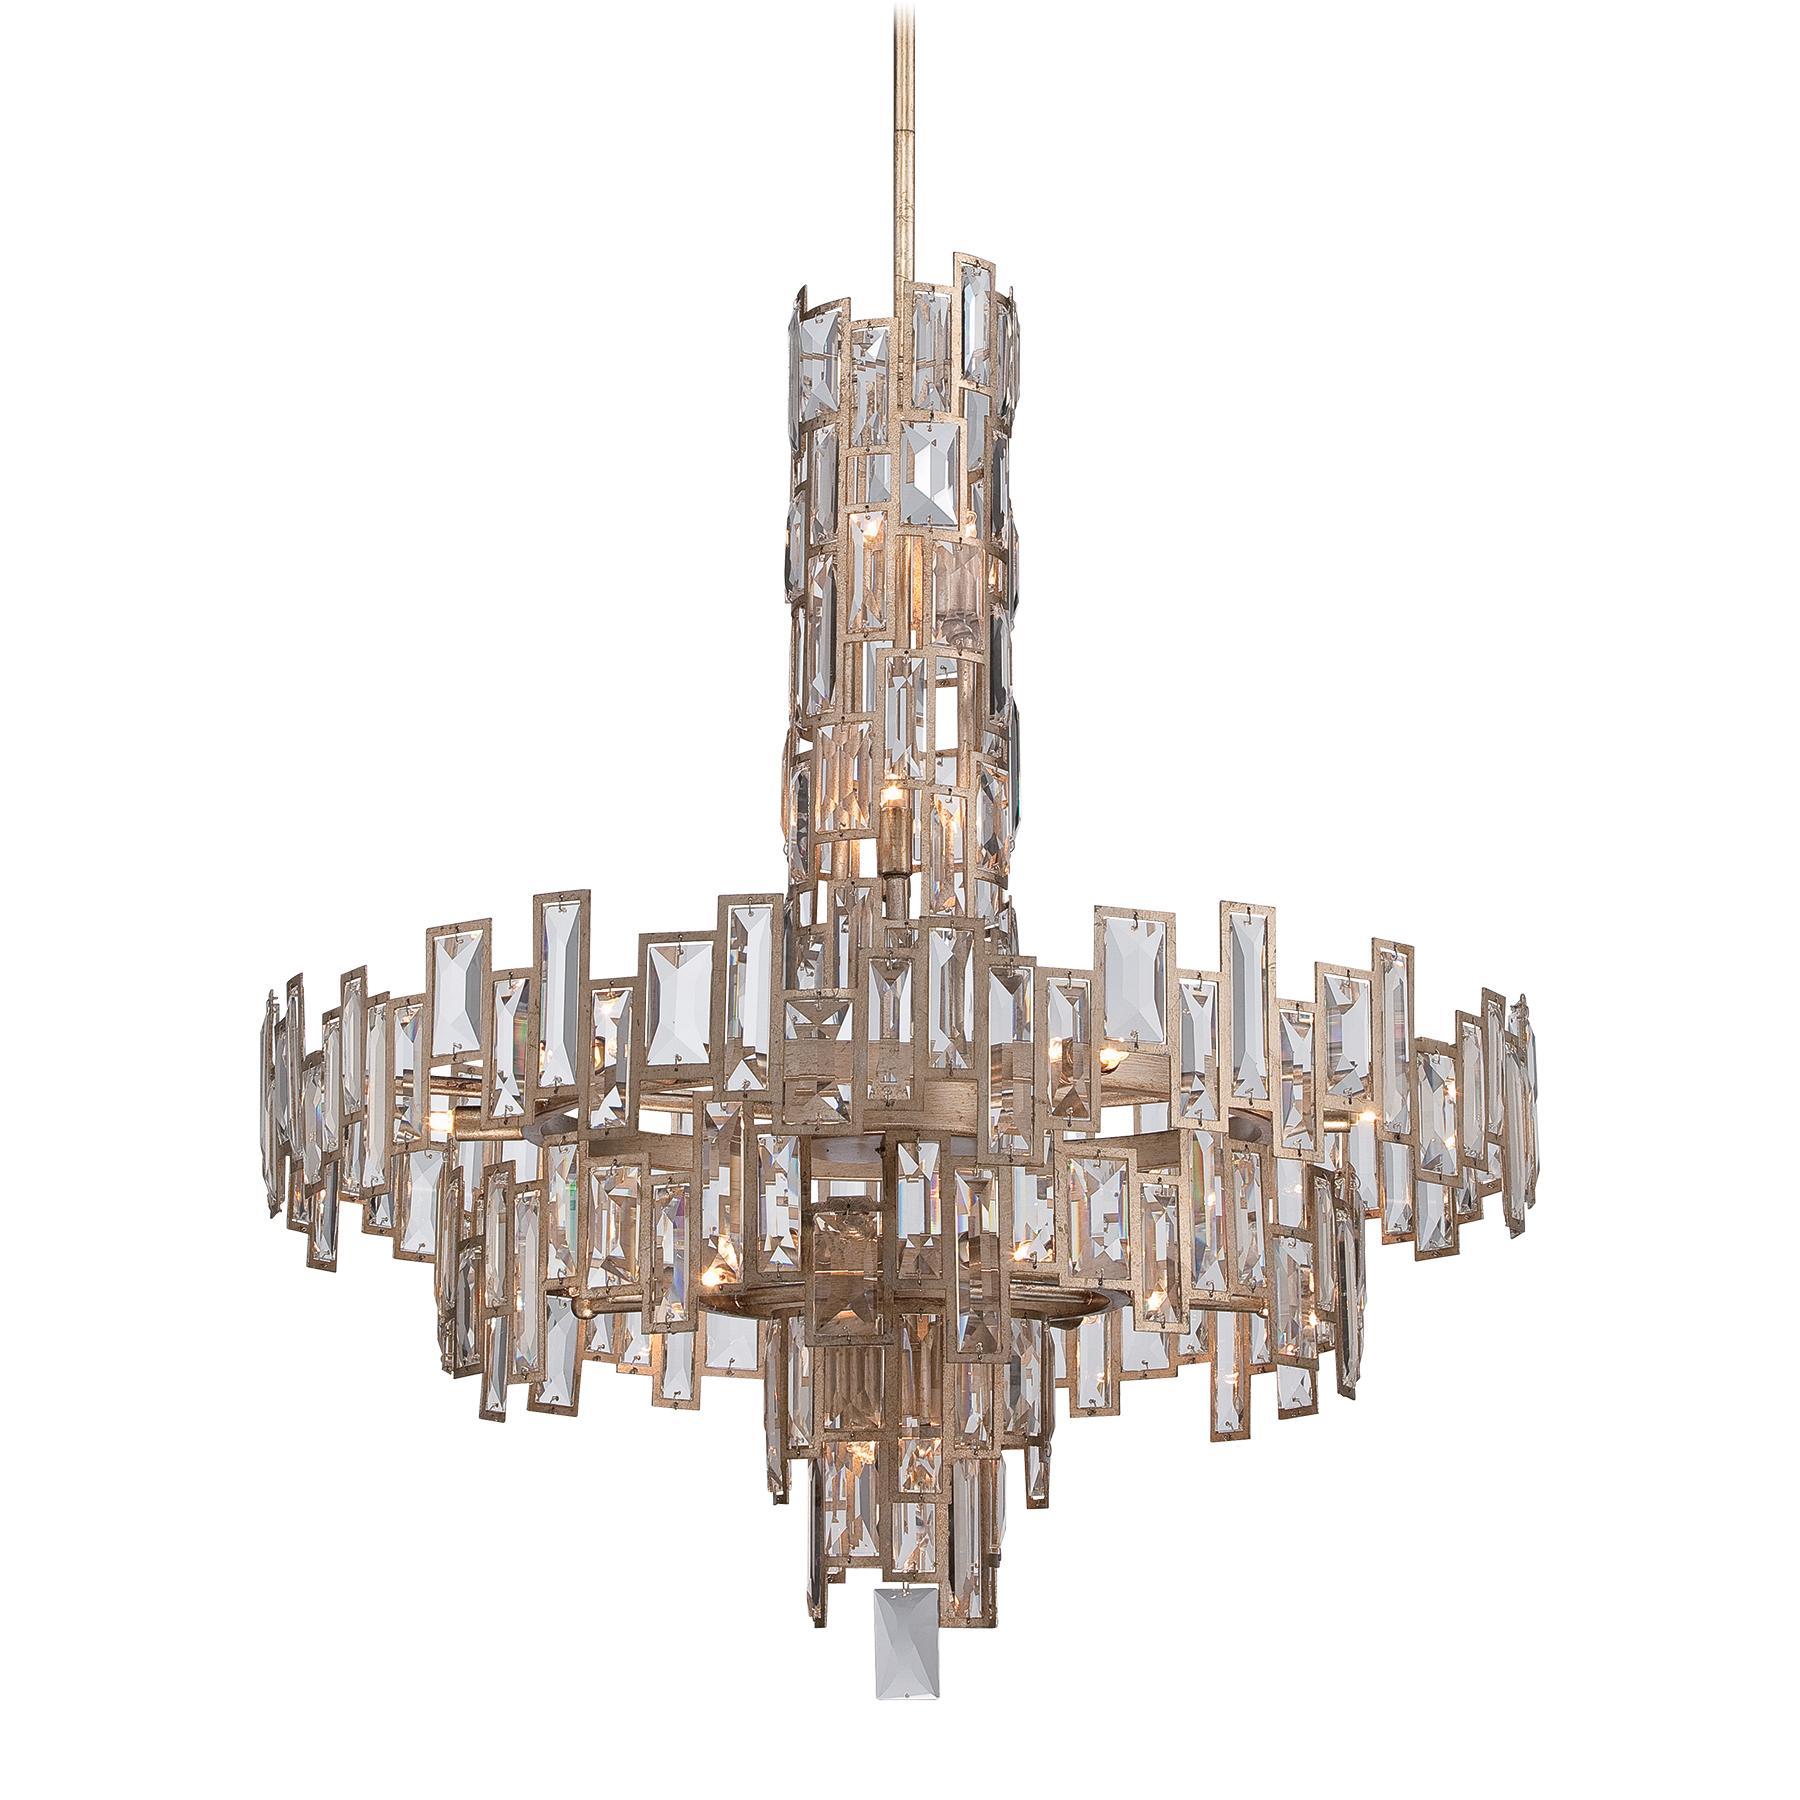 Mondo chandelier by metropolitan lighting n6677 274 bel mondo chandelier by metropolitan lighting n6677 274 arubaitofo Gallery